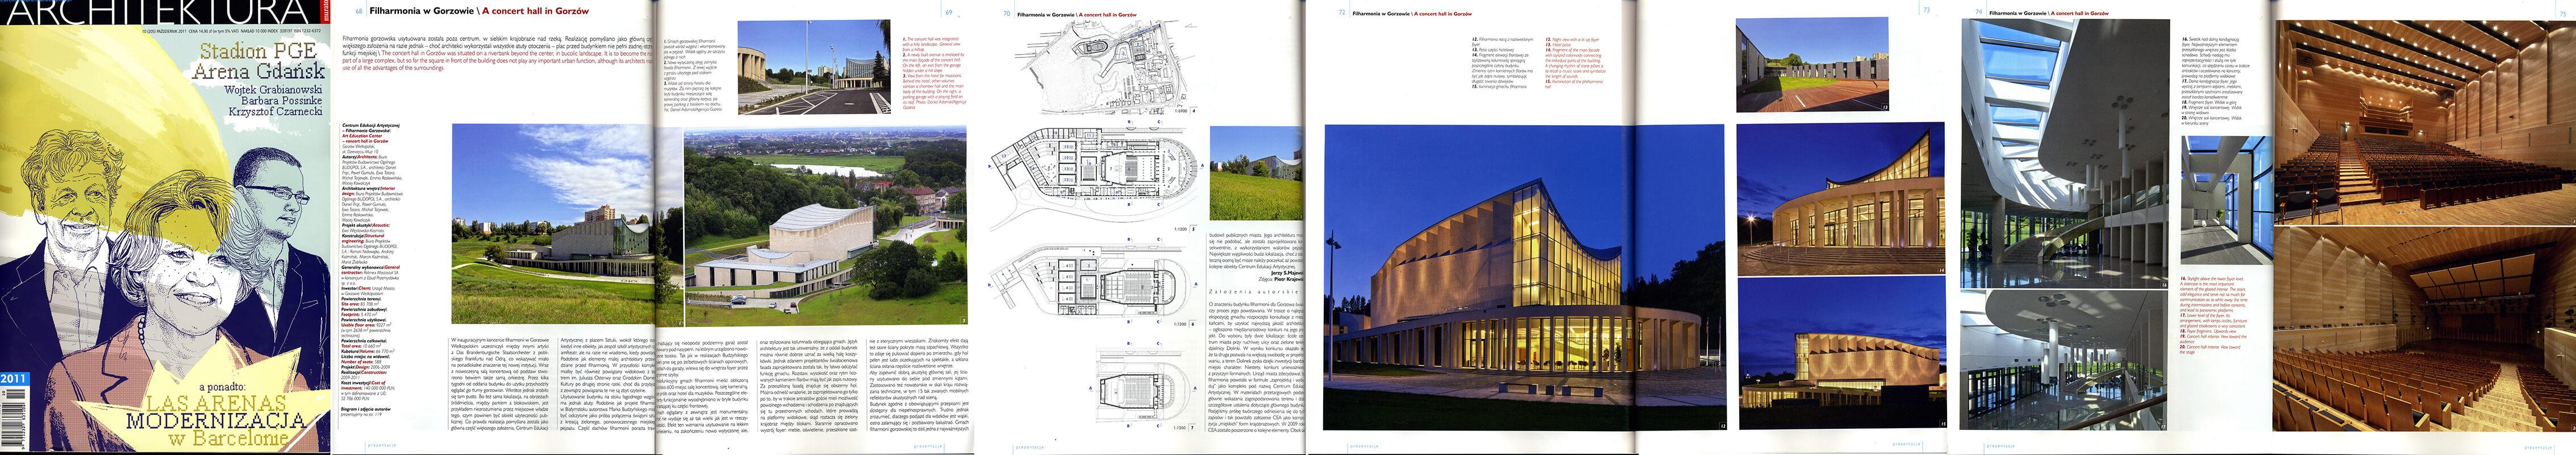 Philharmonic in Gorzów Wielkopolski - Architektura Murator 10/2011